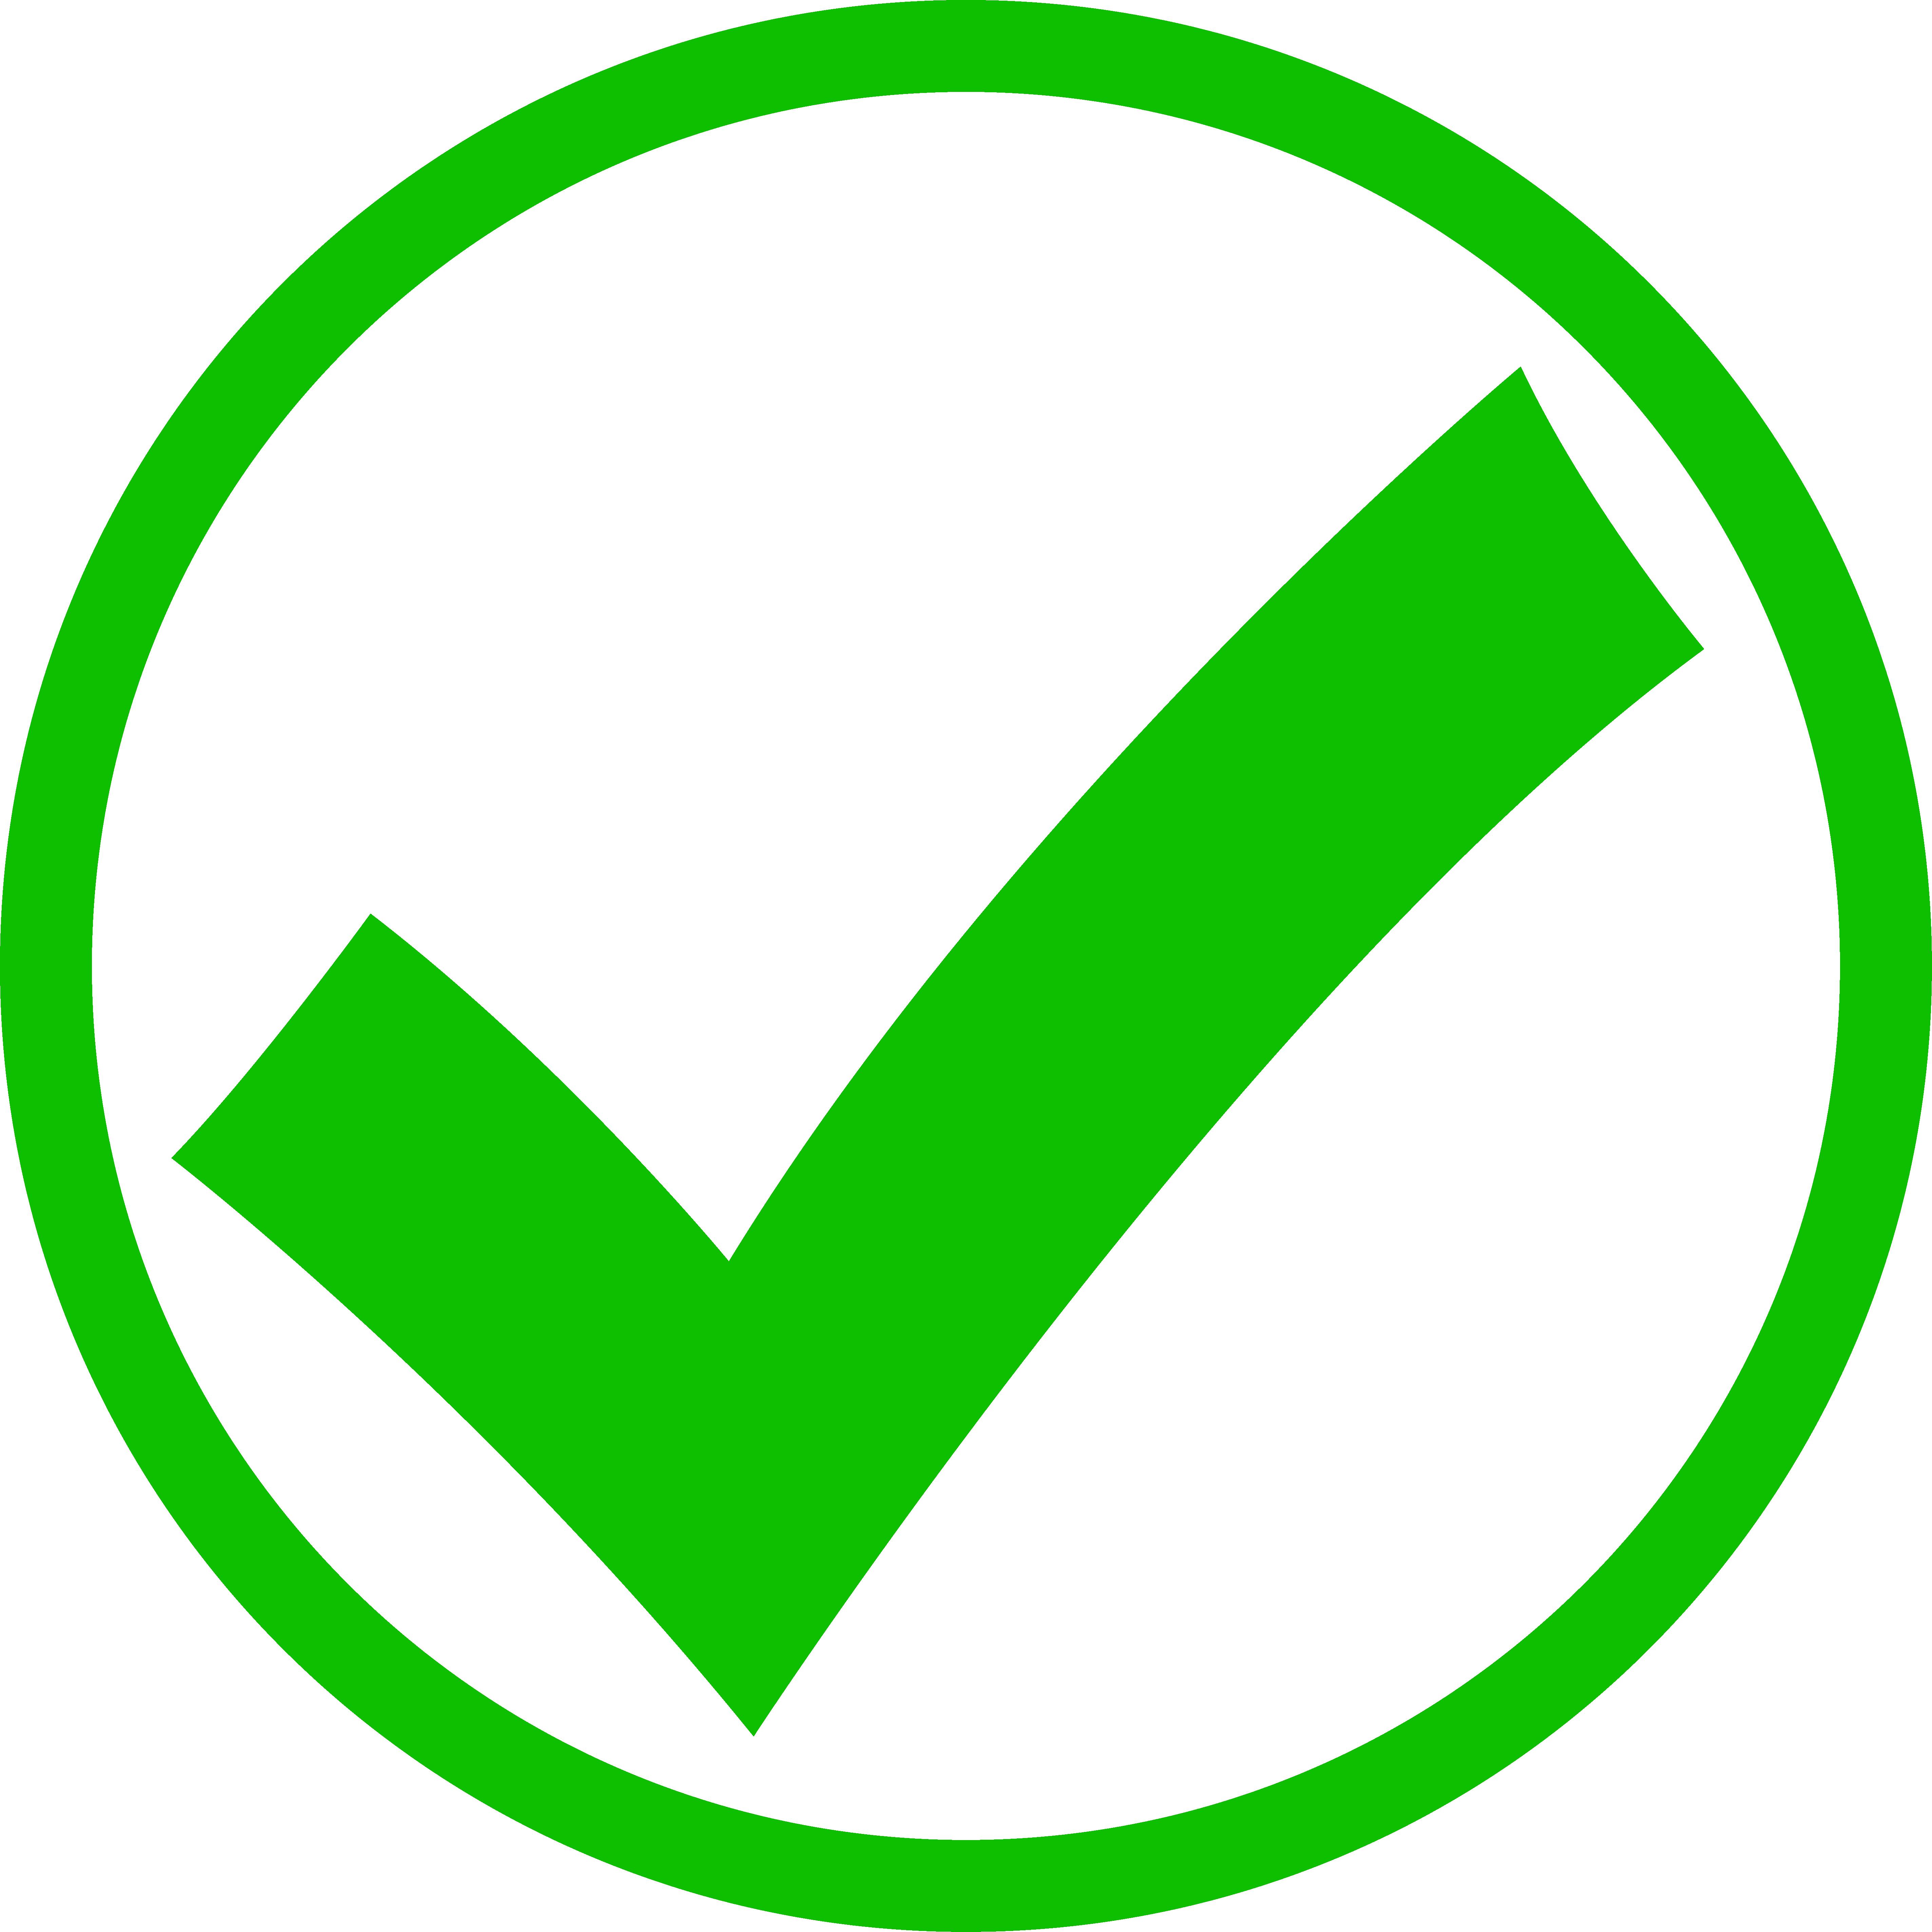 Green Check Mark in Circle.